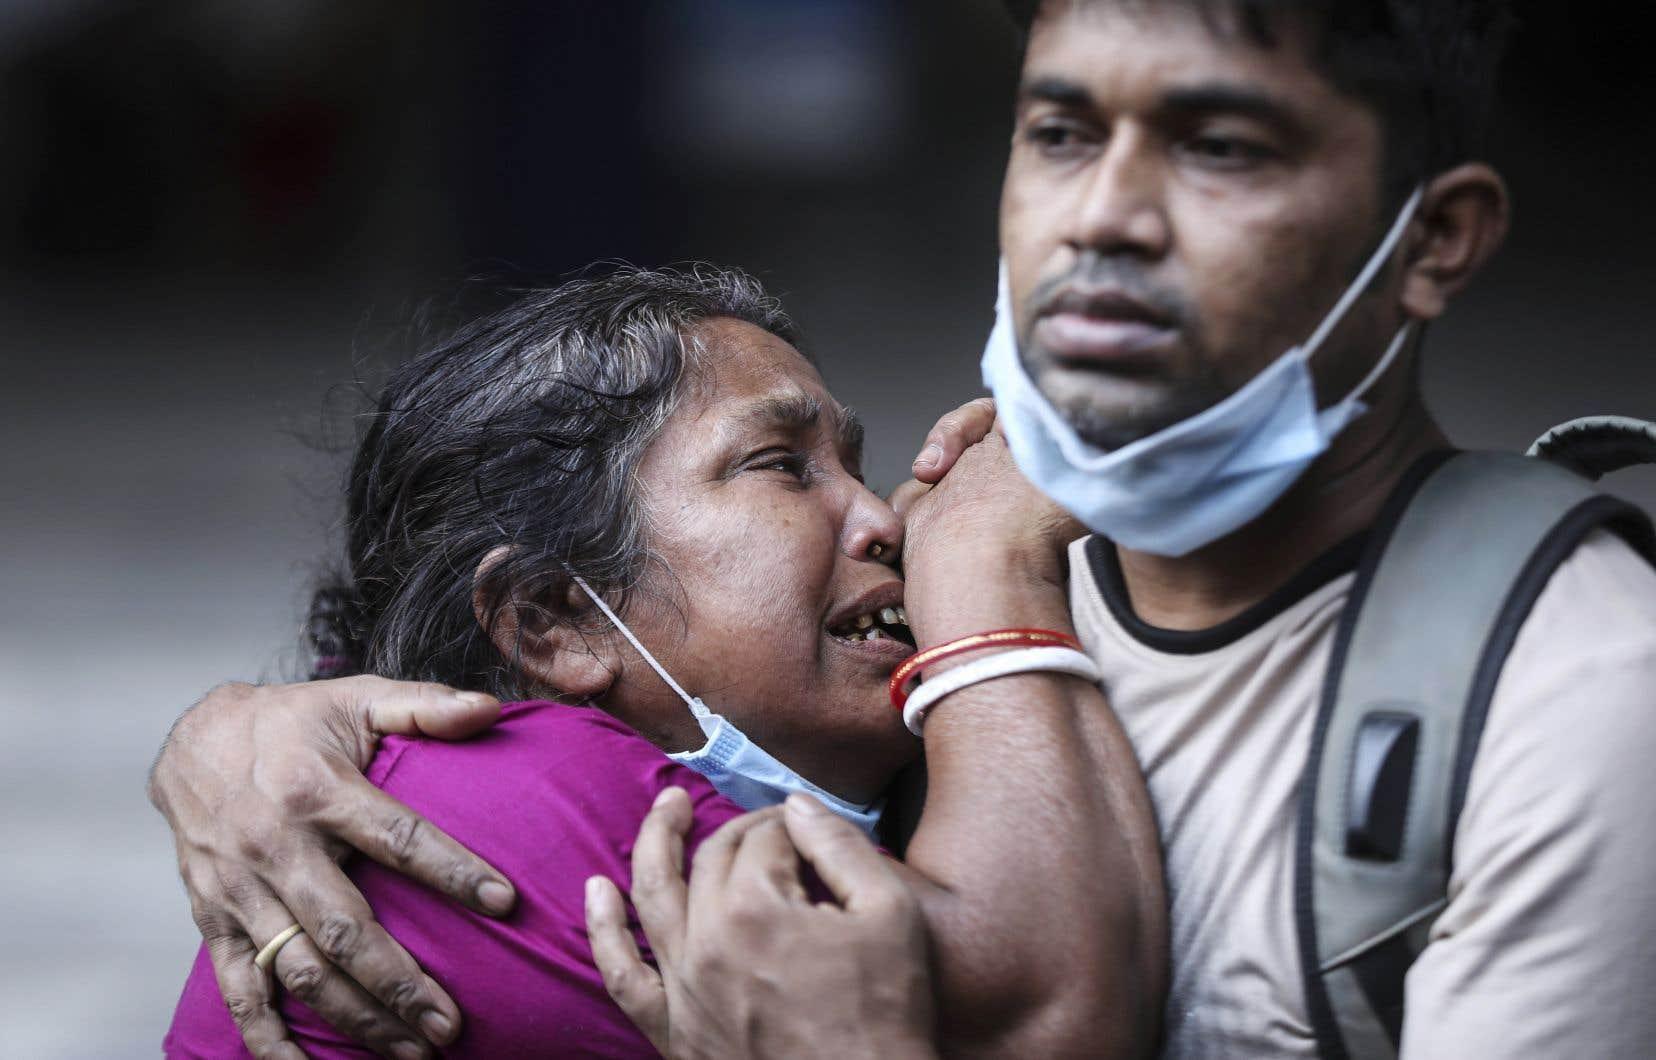 L'Inde a franchi mercredi la barre des 250 000 décès liés à la COVID-19 depuis le début de la pandémie, dont 4205 en l'espace de 24 heures, selon les données officielles.